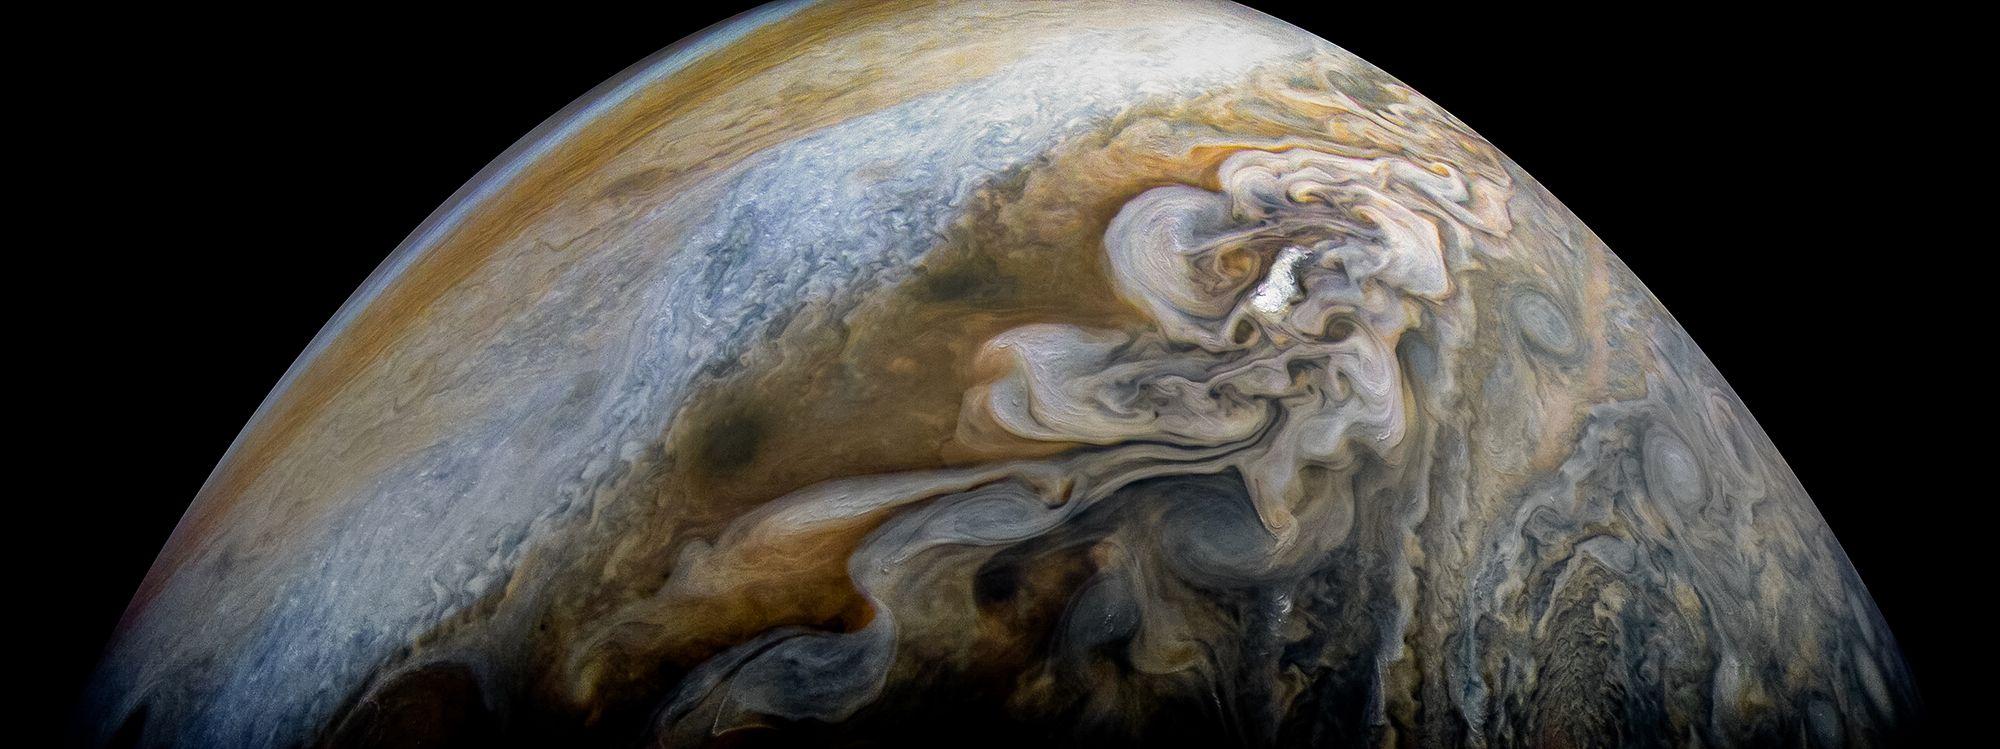 NASA показало удивительный снимок облаков на Юпитере, и теперь все мечтают о космосе - фото 370203